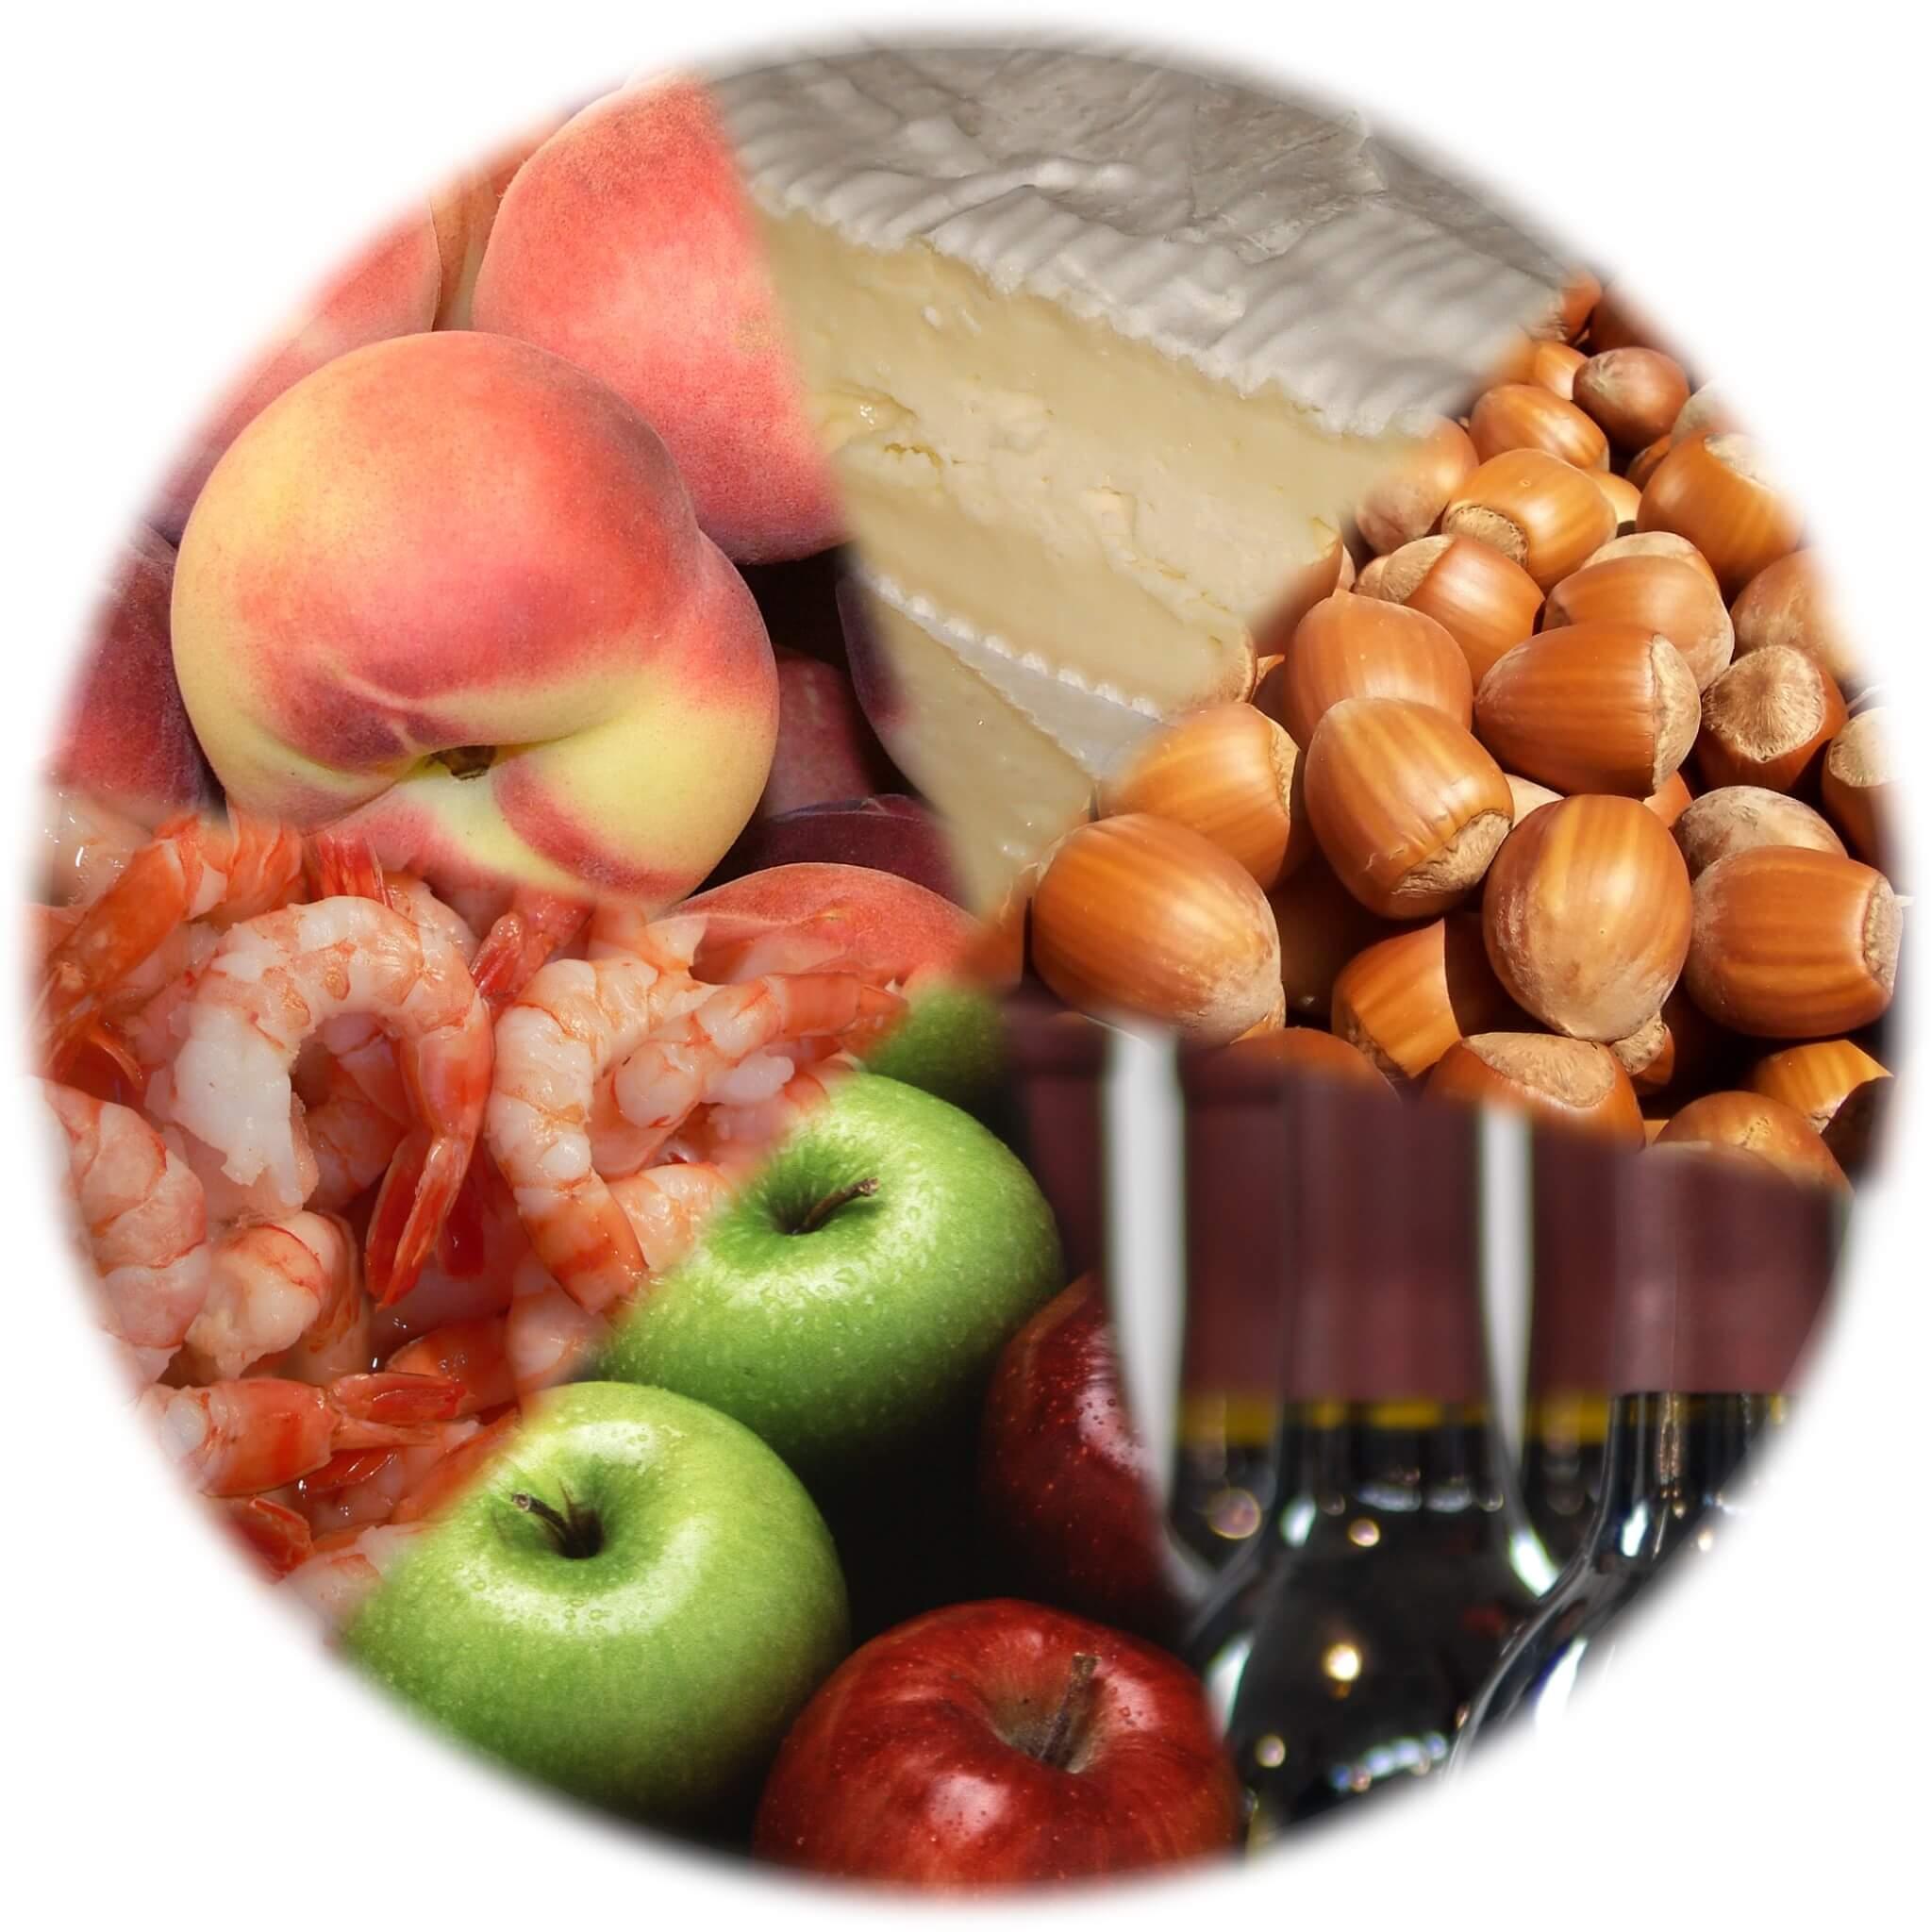 Intolleranze alimentari e allergie alimentari, cosa sono?